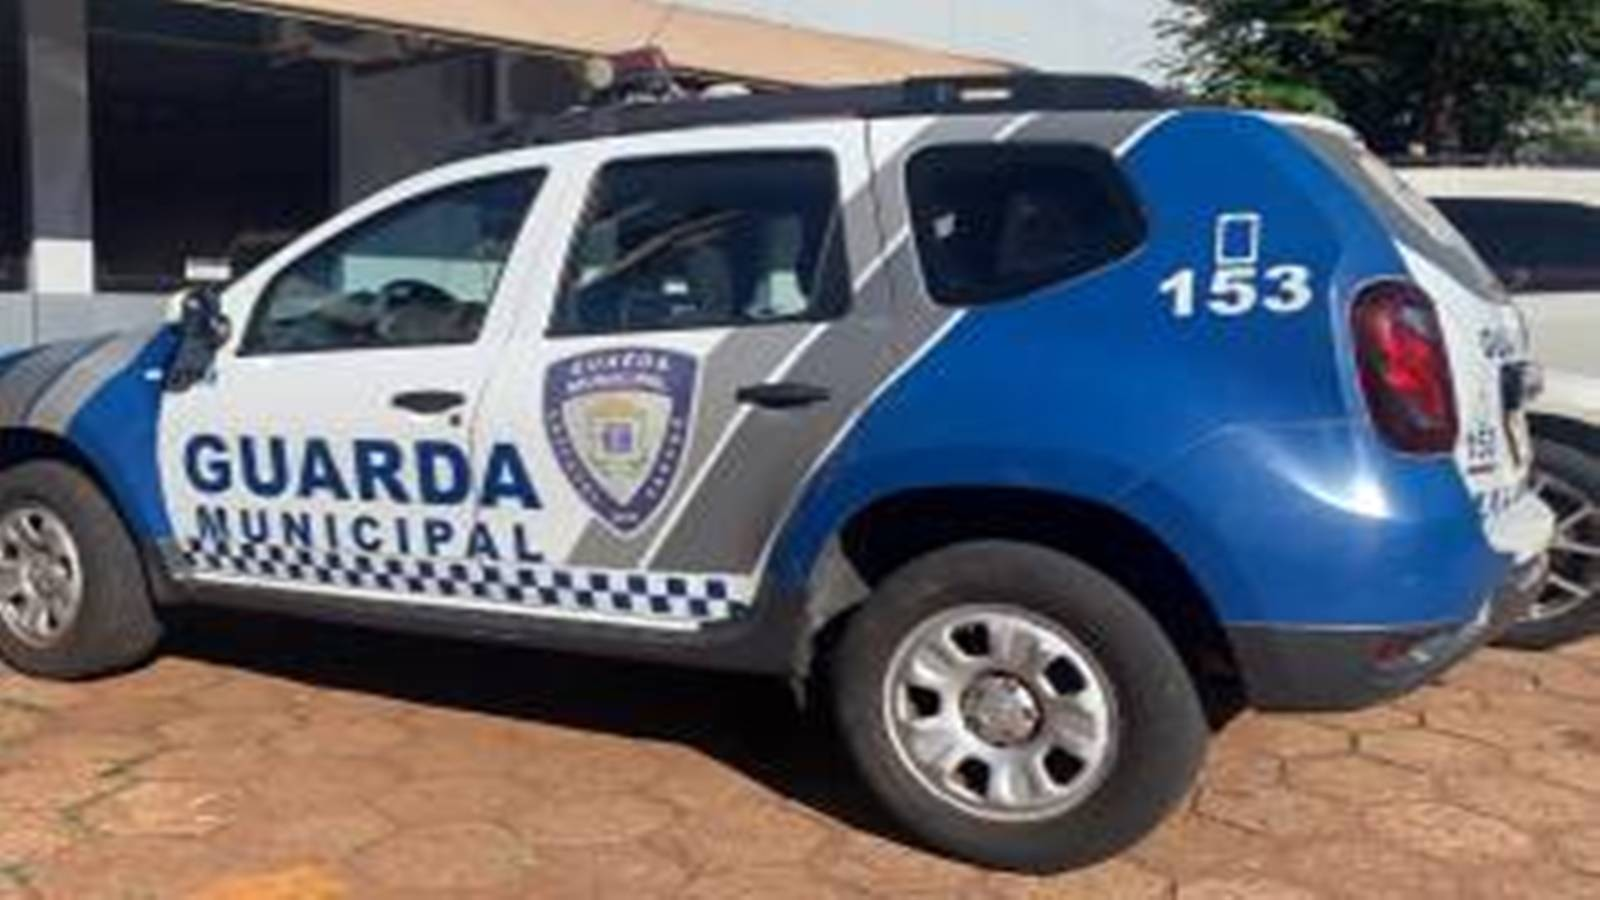 Guarda Municipal e Delegacia de Homicídios realizam operação no Bairro Cascavel Velho